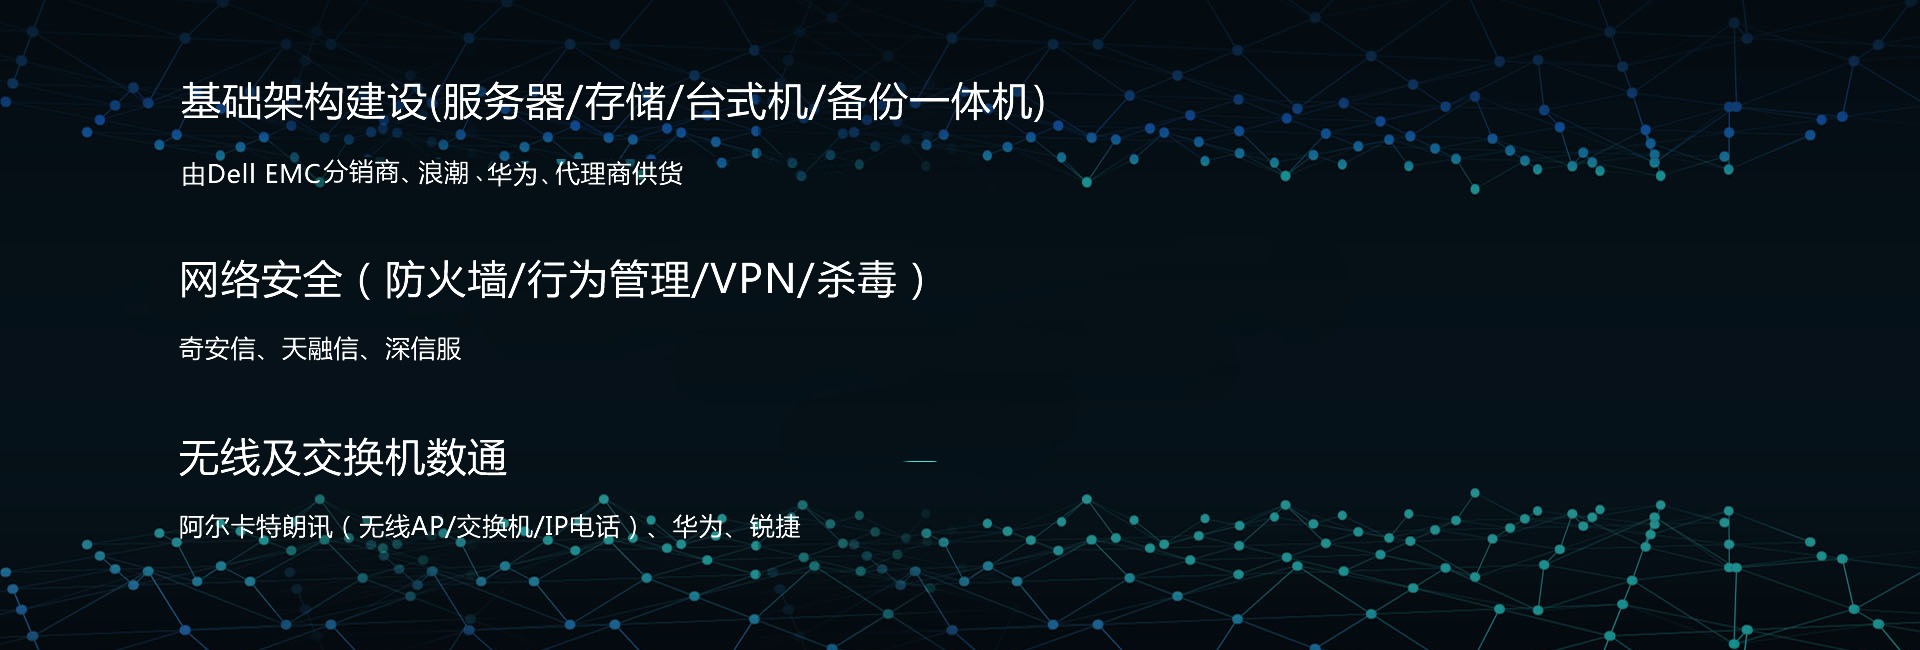 杭州戴尔服务器经销商